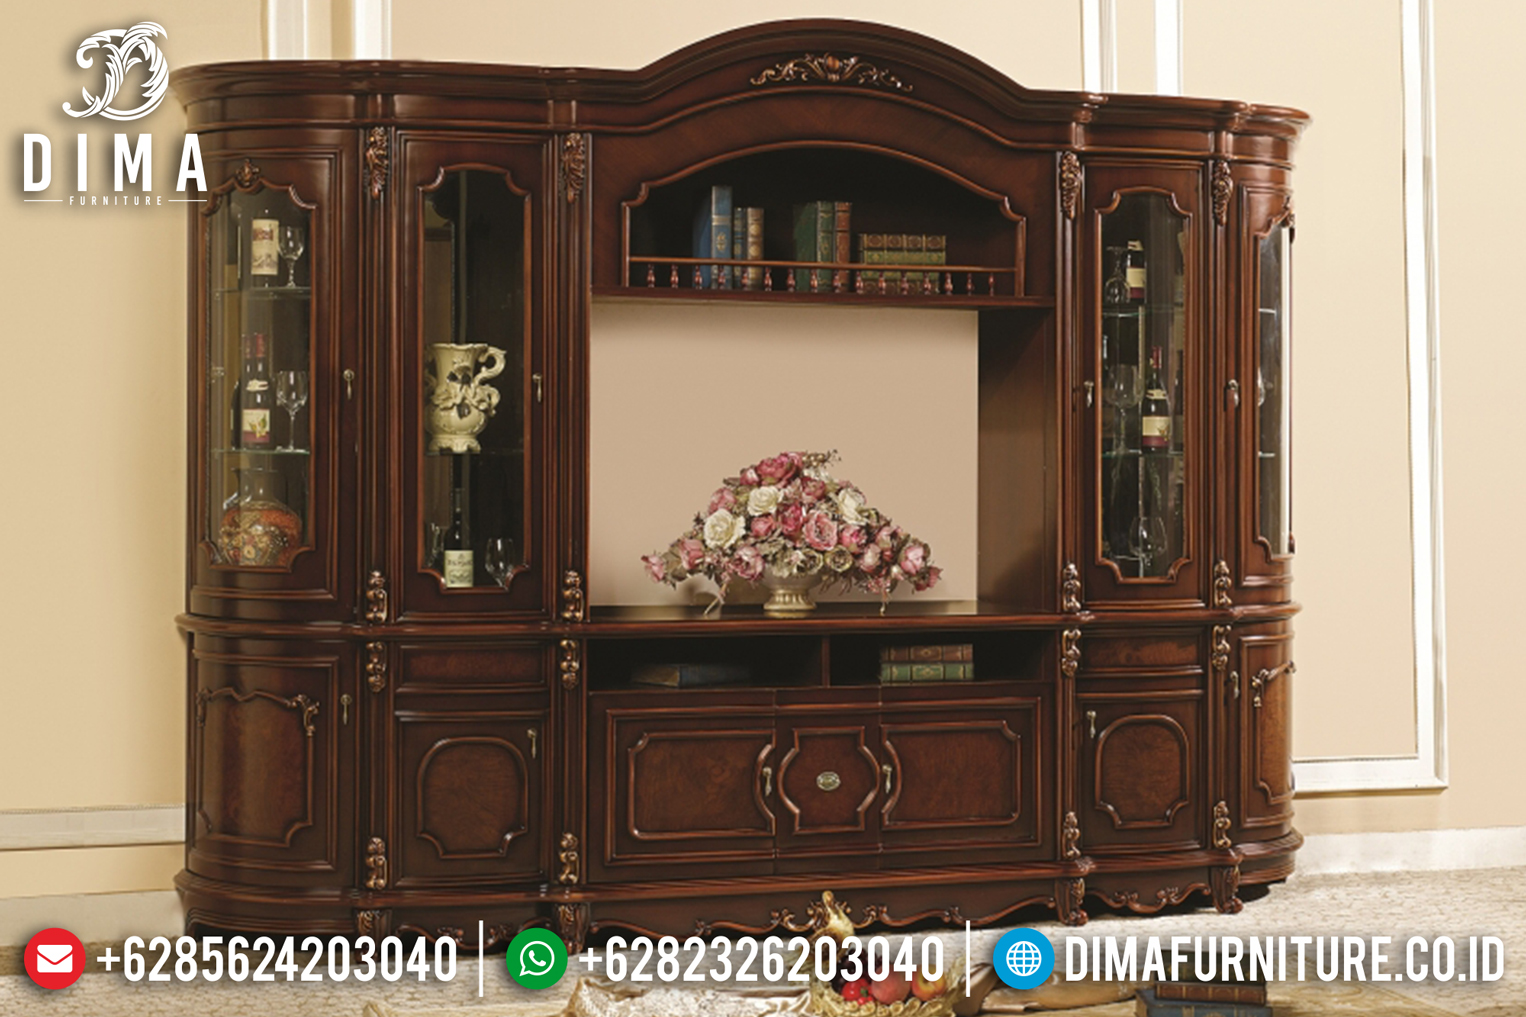 Bufet Tv Jati Mewah Natural Klasik Terbaru MM-0513